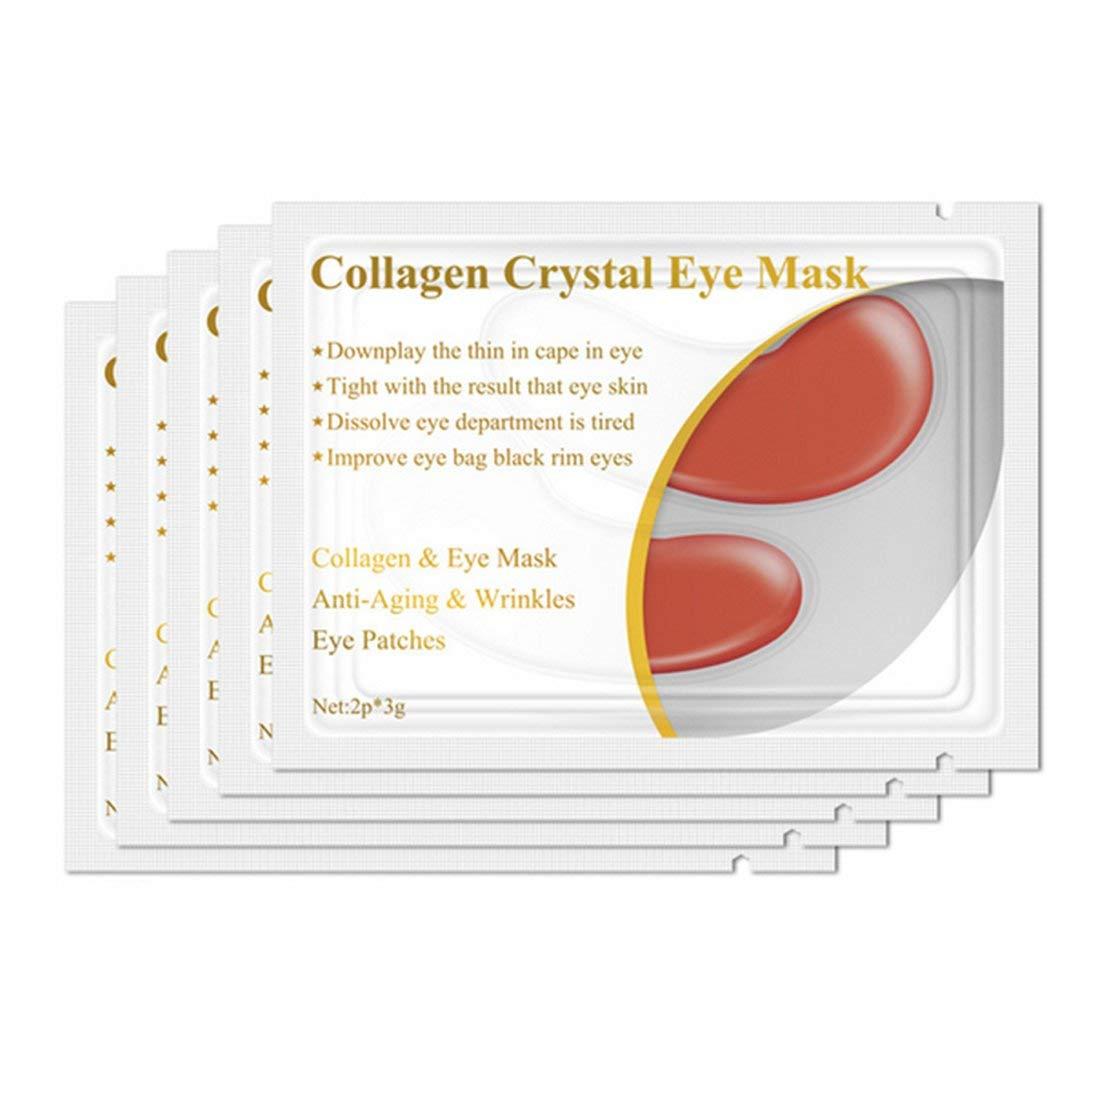 1pair Collagene Proteina Maschera per gli occhi Rimozione delle macchie oculari Cerchio scuro Anti-aging Anti-rughe Idratante Trattamento viso rassodante occhi - Rosso Formulaone